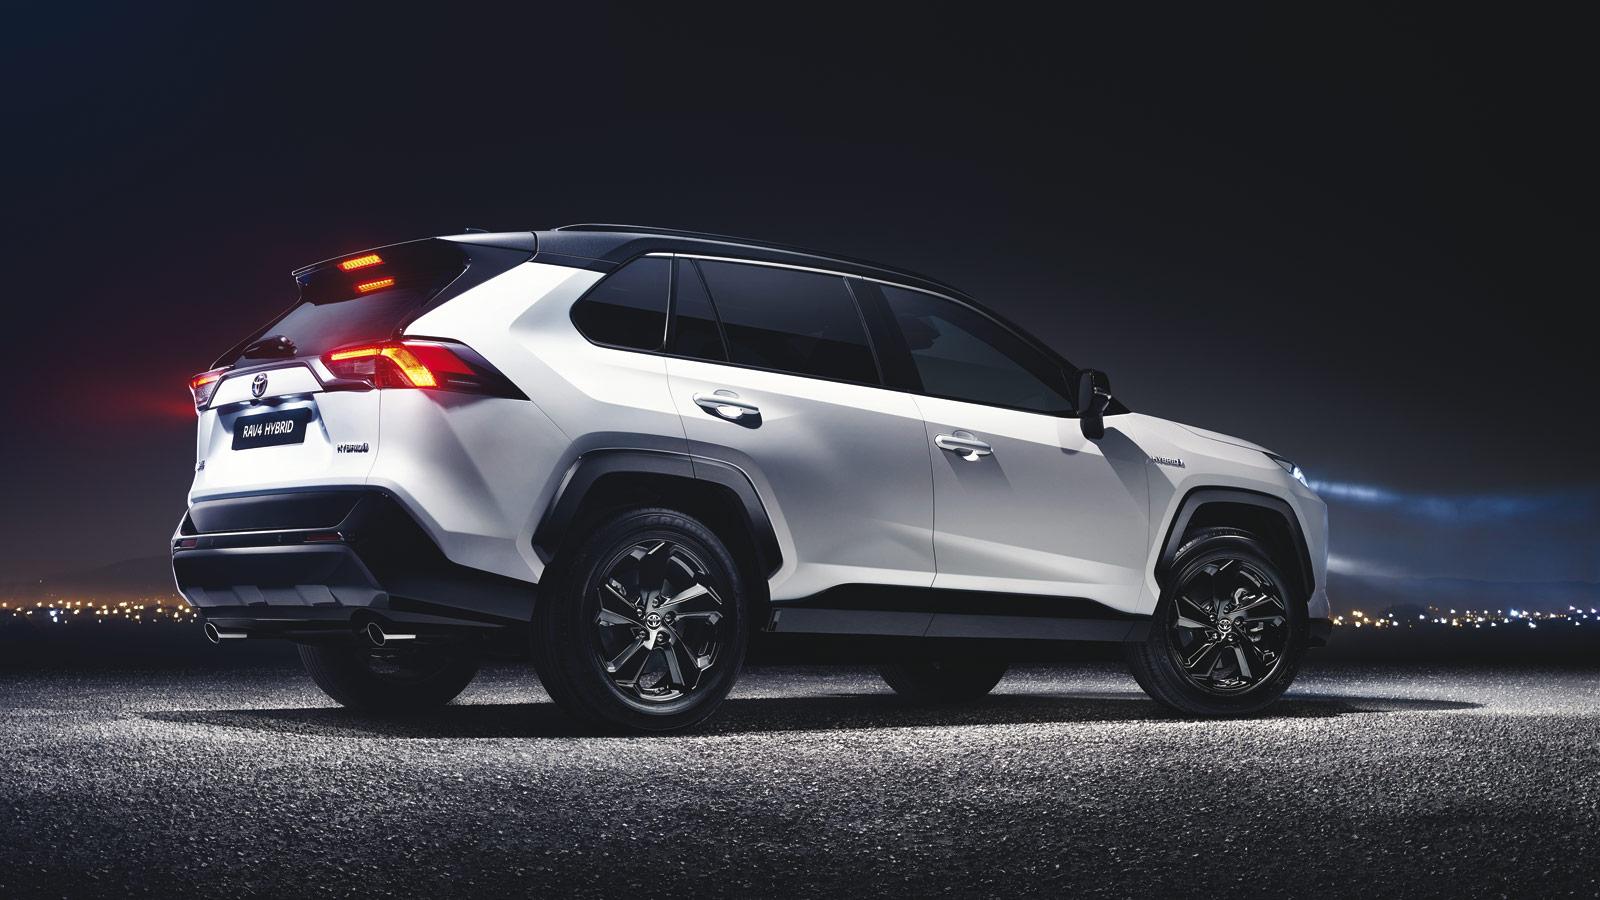 Toyota RAV4 2019 Seiten- und Heckansicht des neuen SUV Bildquelle: toyota.de